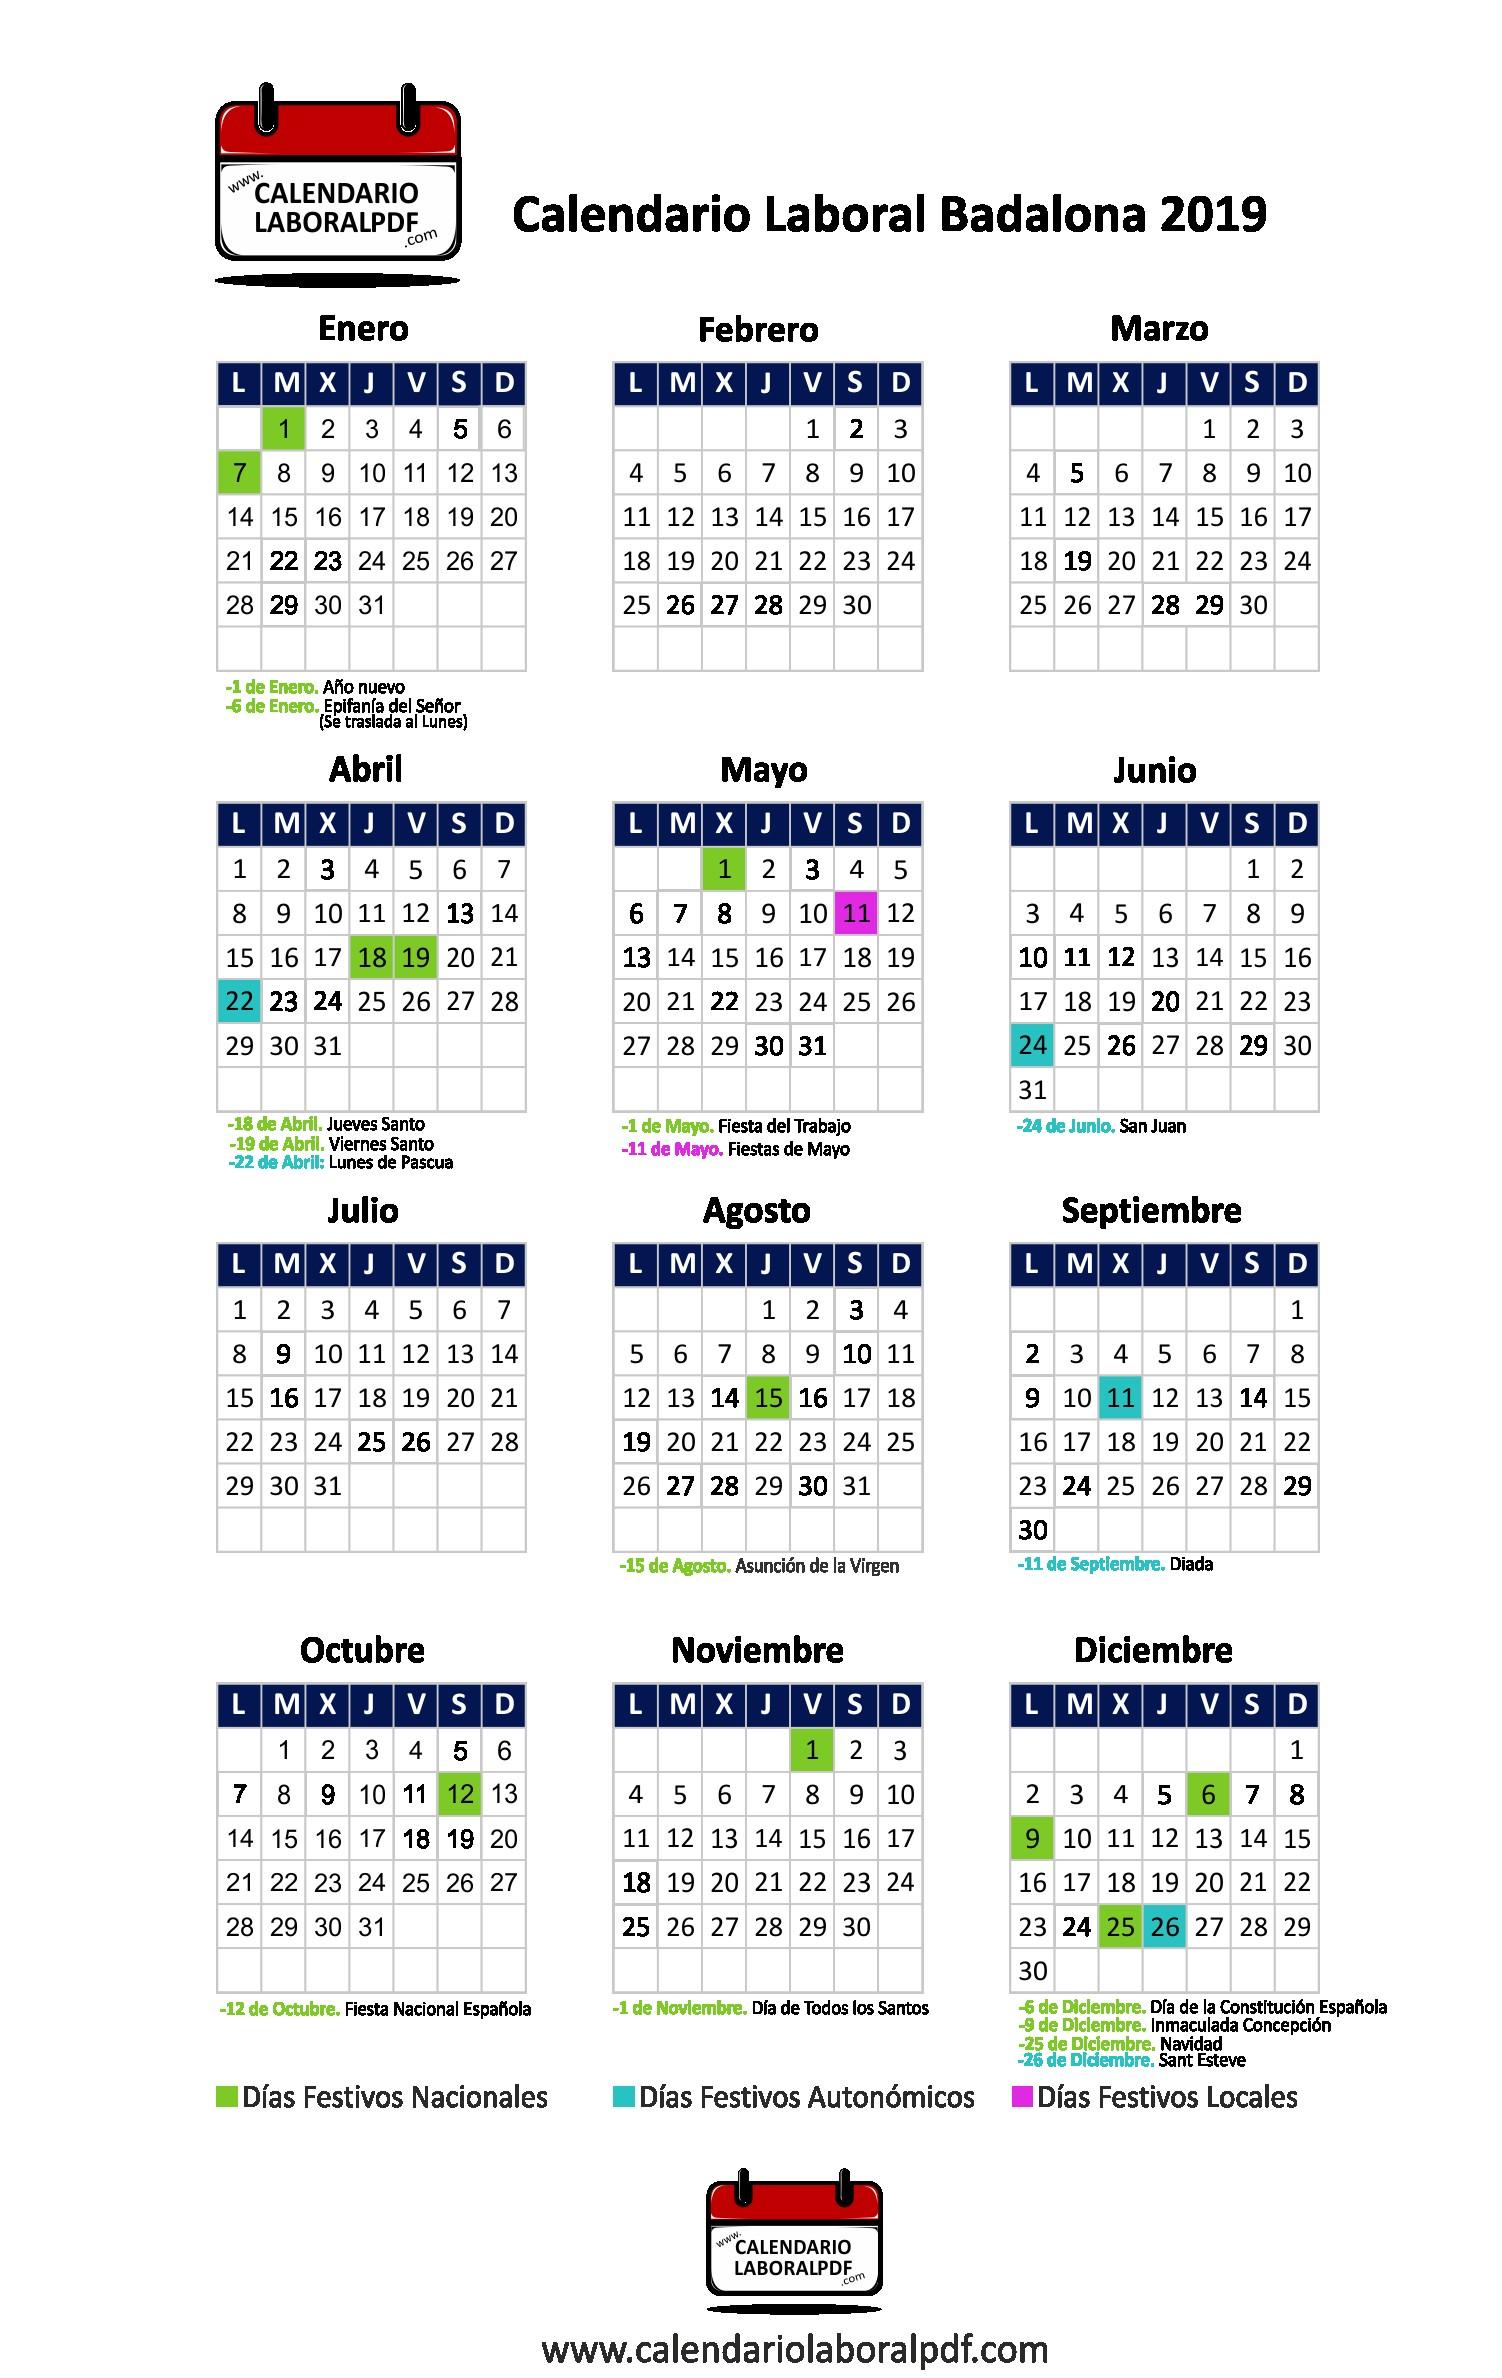 Calendario laboral badalona ¡descárgalo gratis png 1502x2378 Pascua 2019